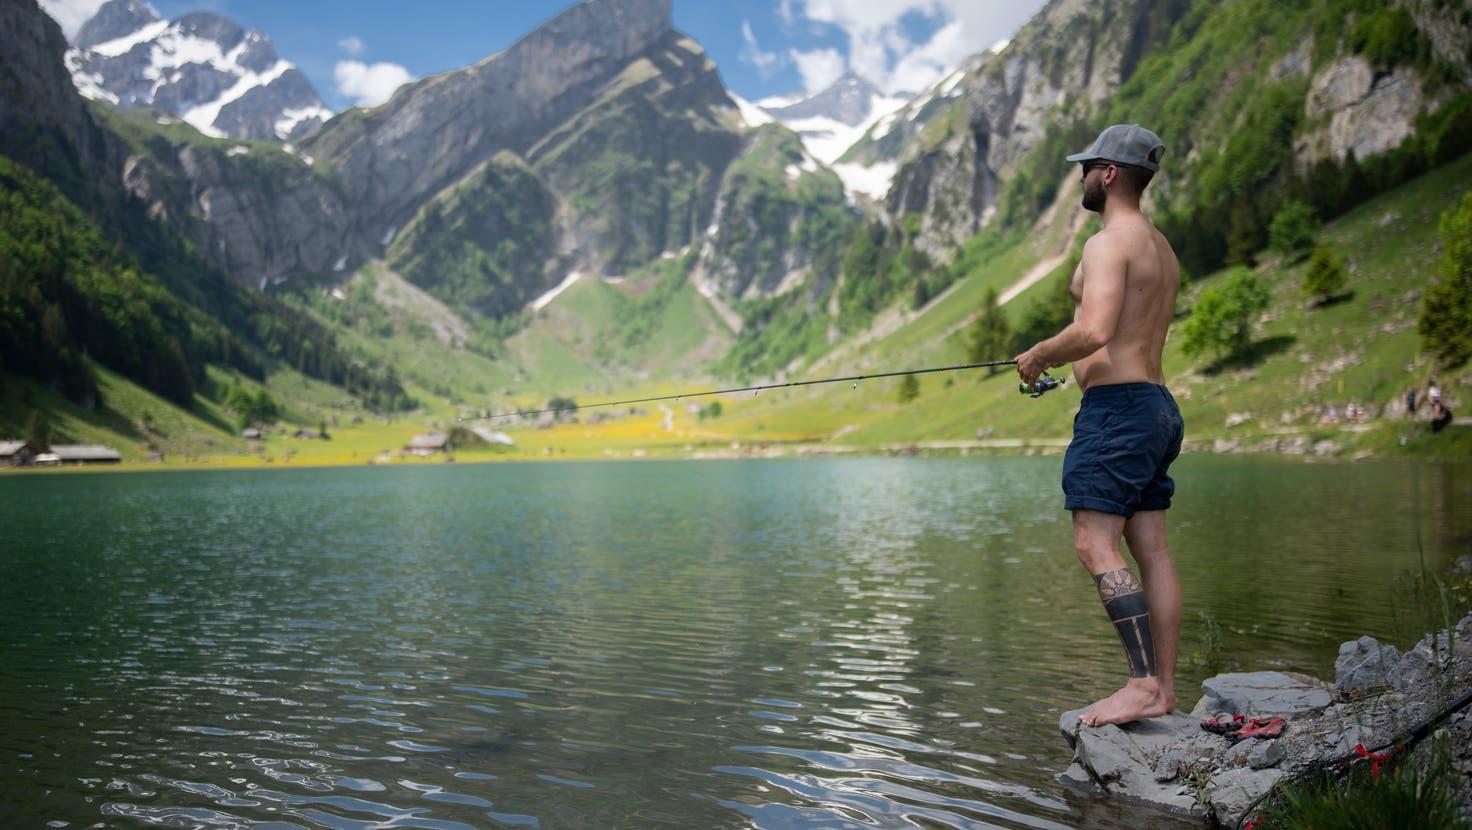 Im Sommer 2021 war das Wetter eher zum Fischen geeignet als zum Wandern. (Benjamin Manser)